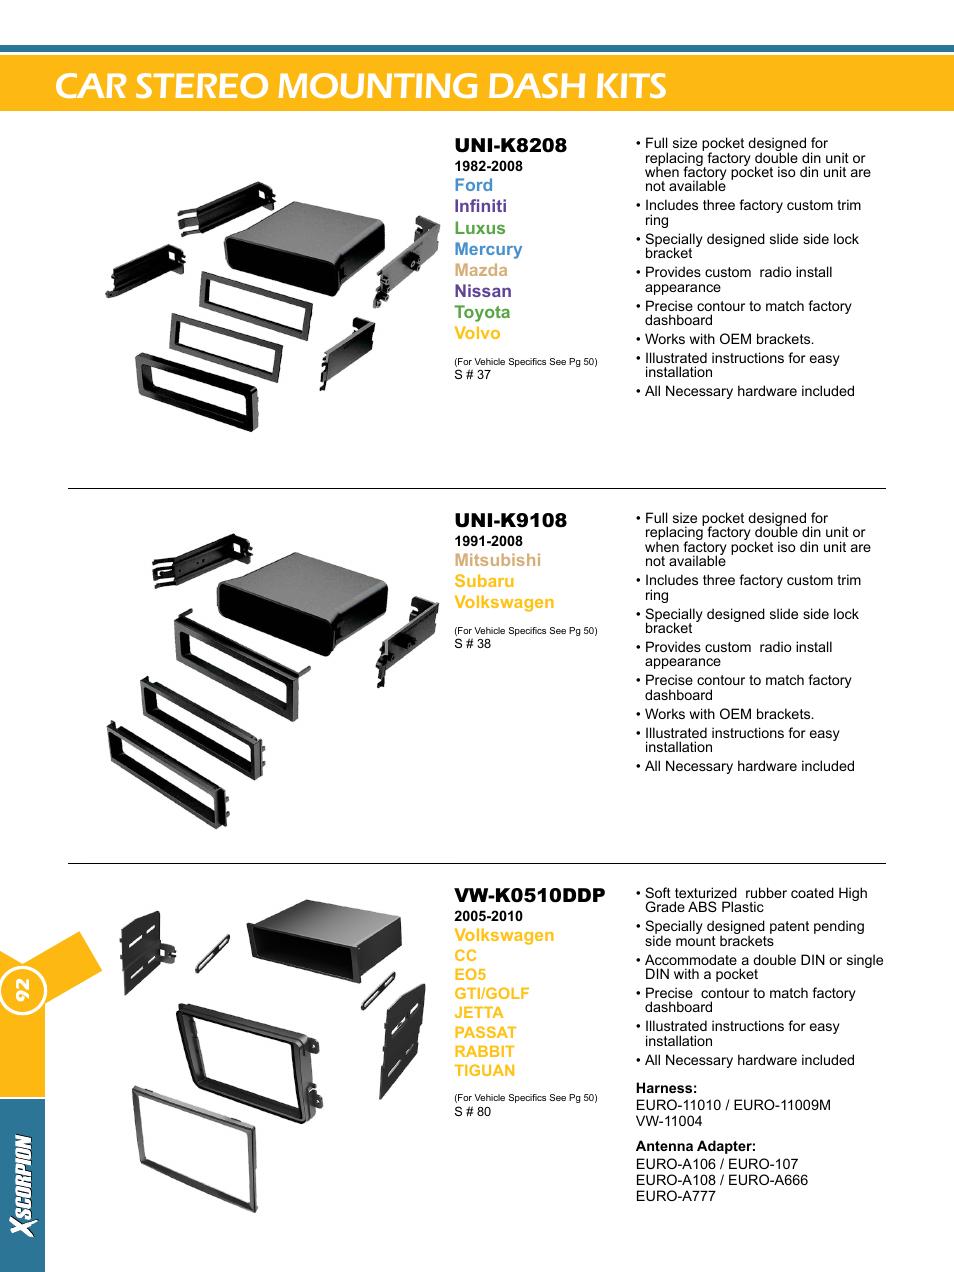 Car stereo mounting dash kits, Vw-k0510ddp, Uni-k9108   Uni-